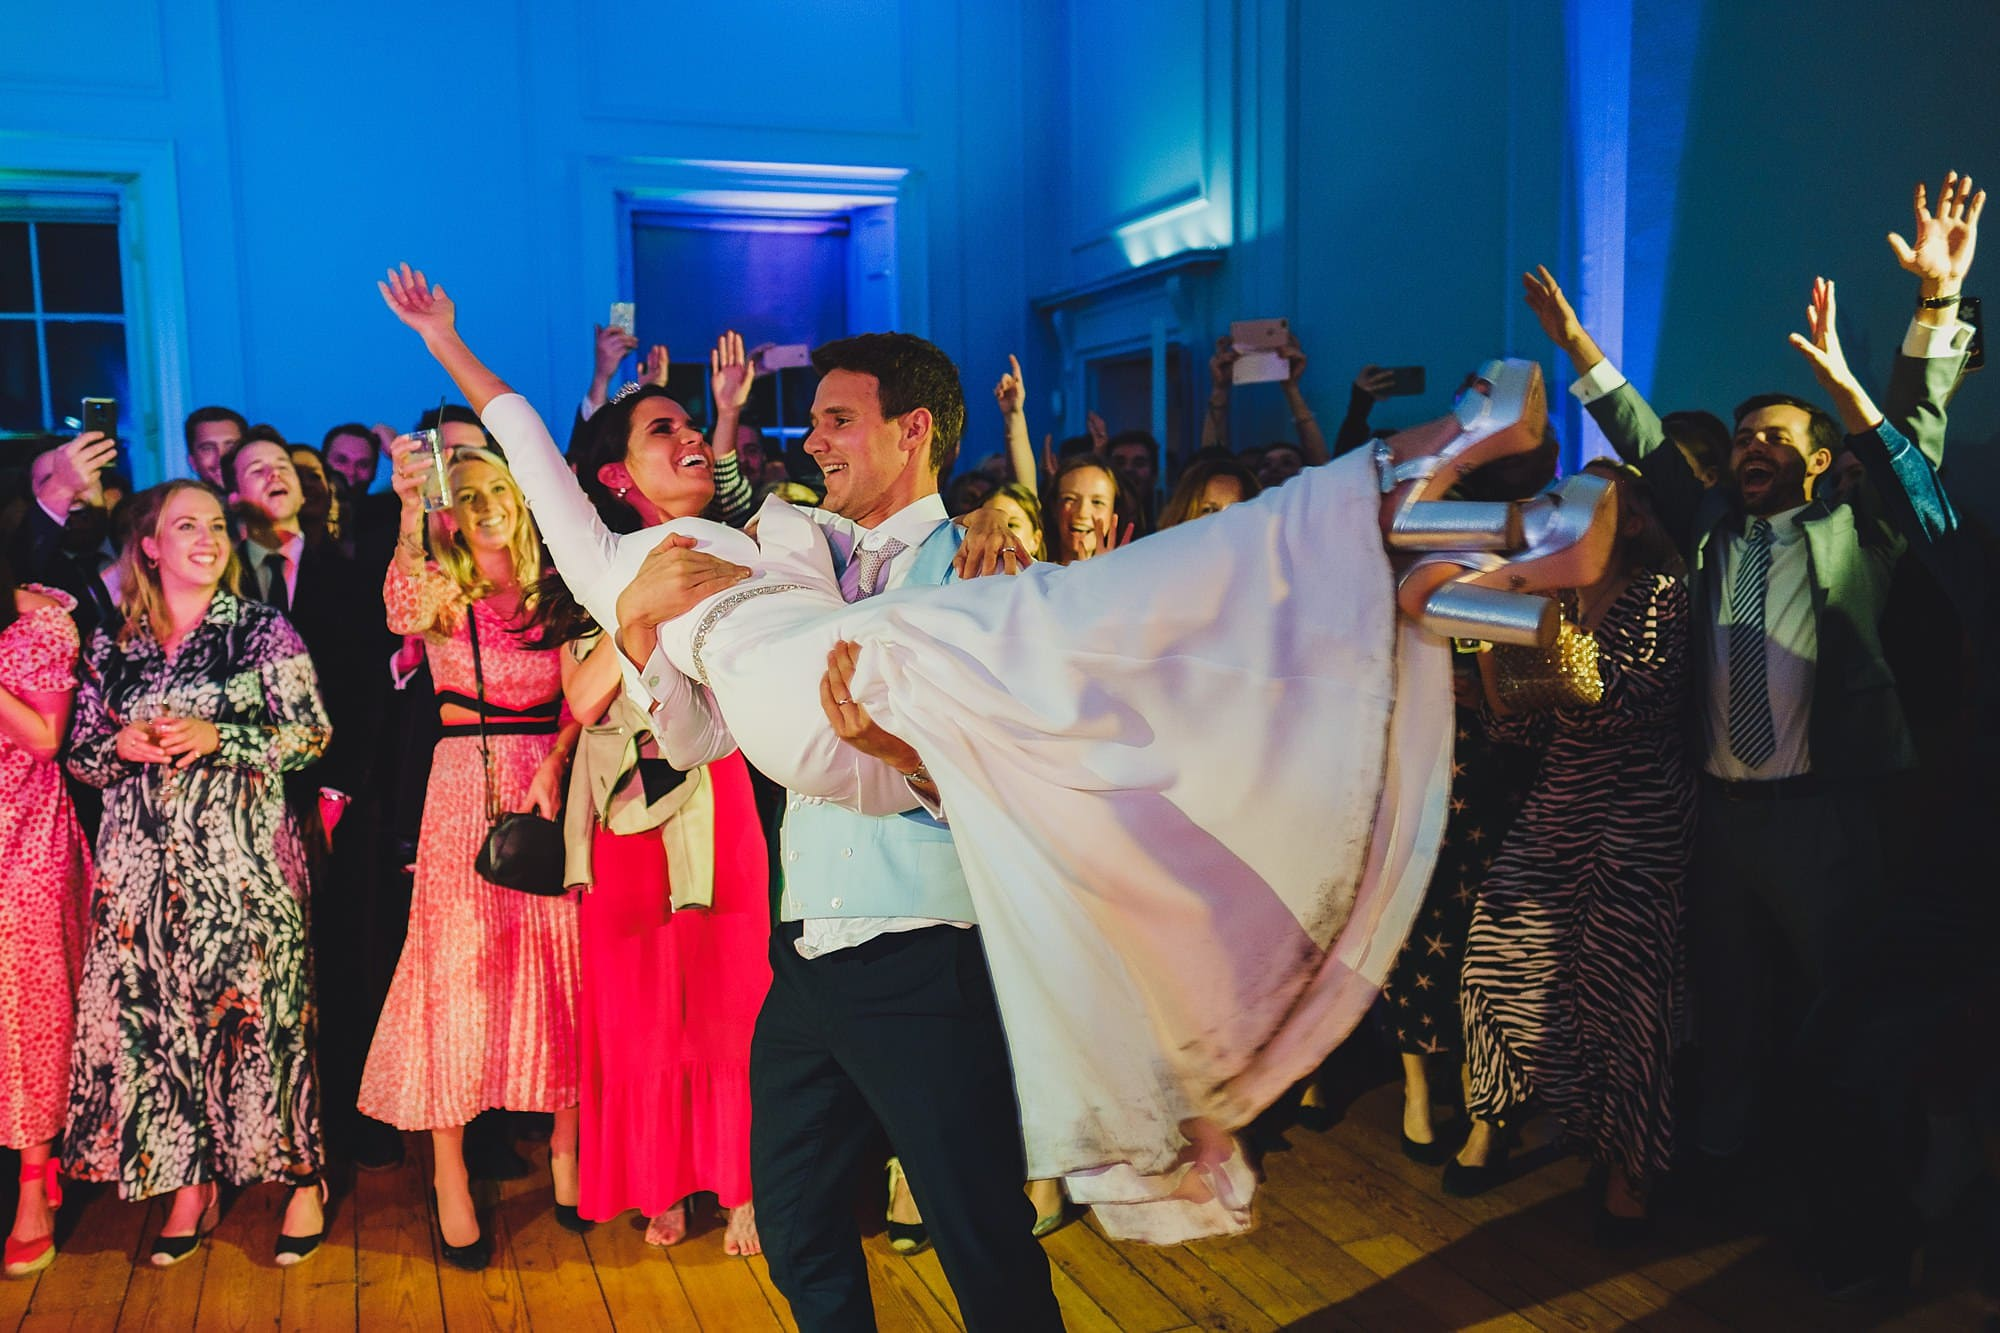 fulham palace wedding photographer ok 095 - Olivia + Kyle